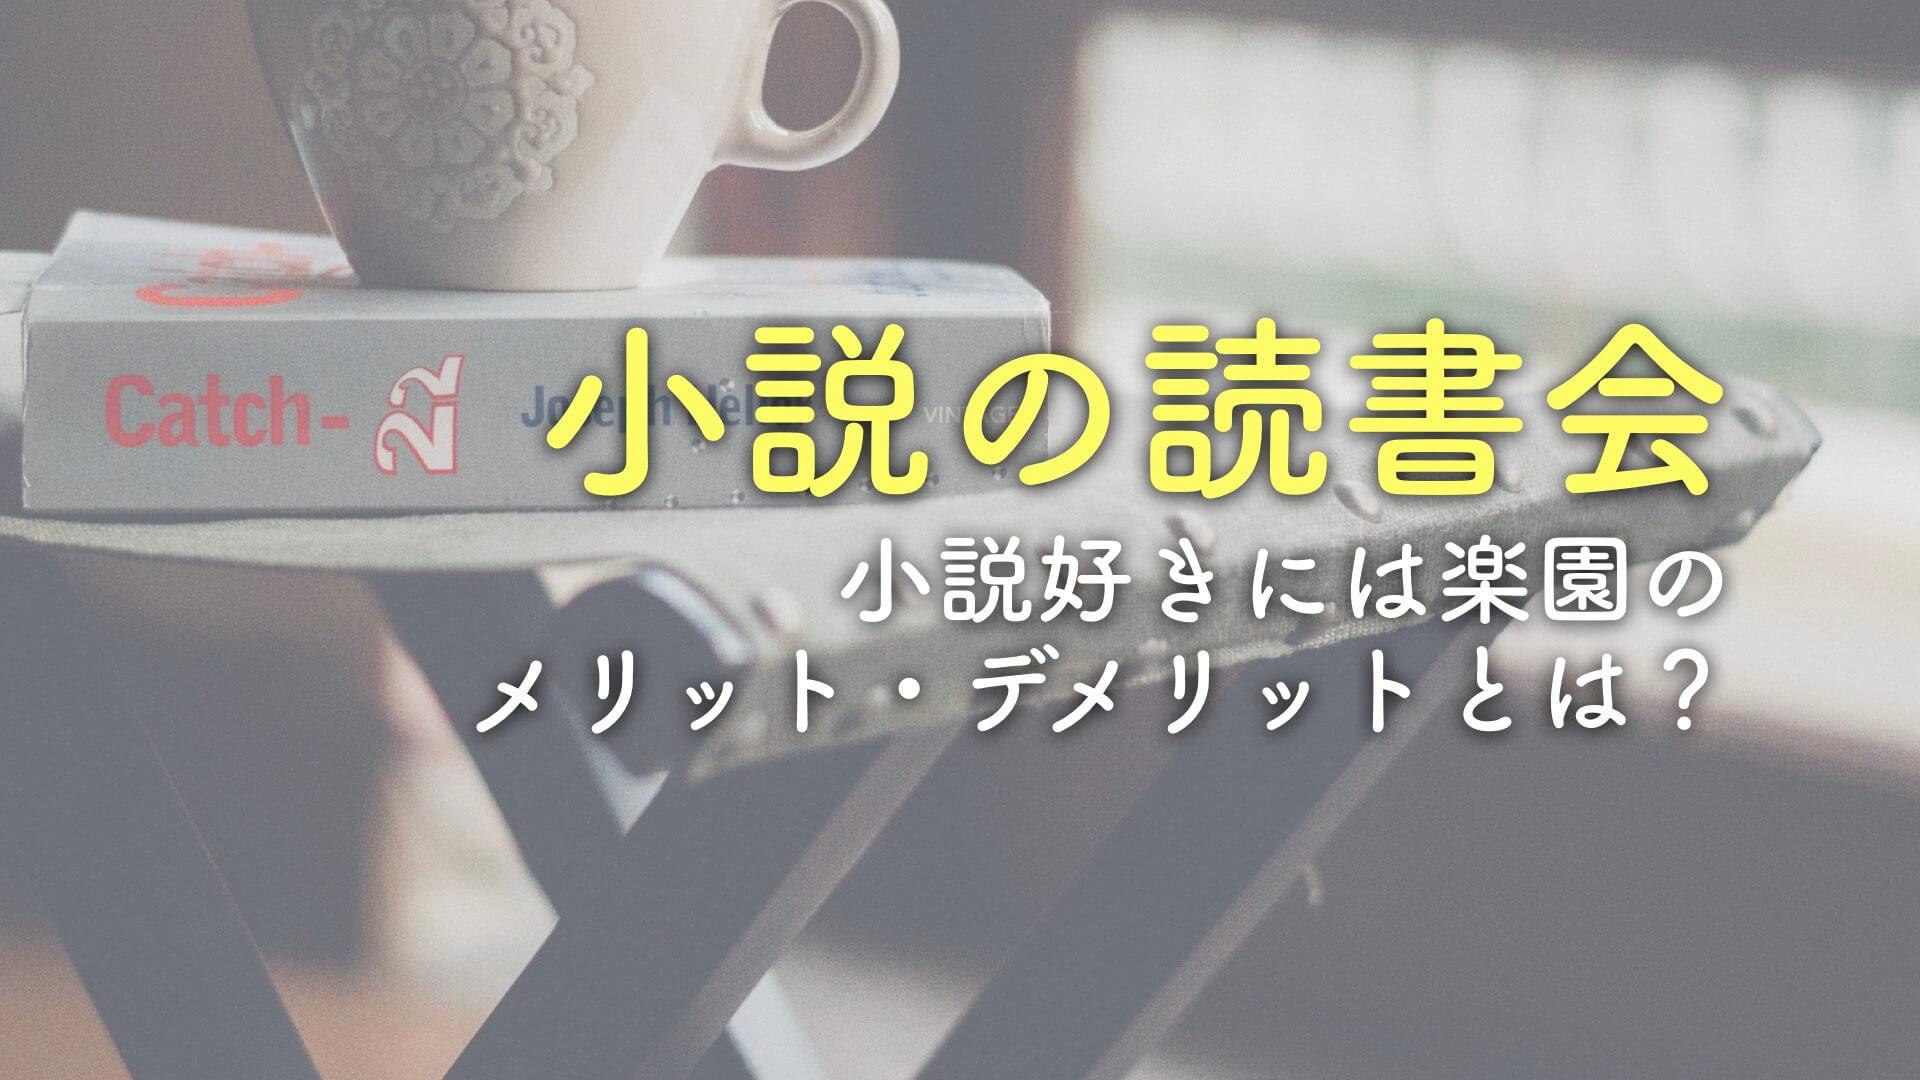 小説の読書会の雰囲気・メリット・デメリットまとめ